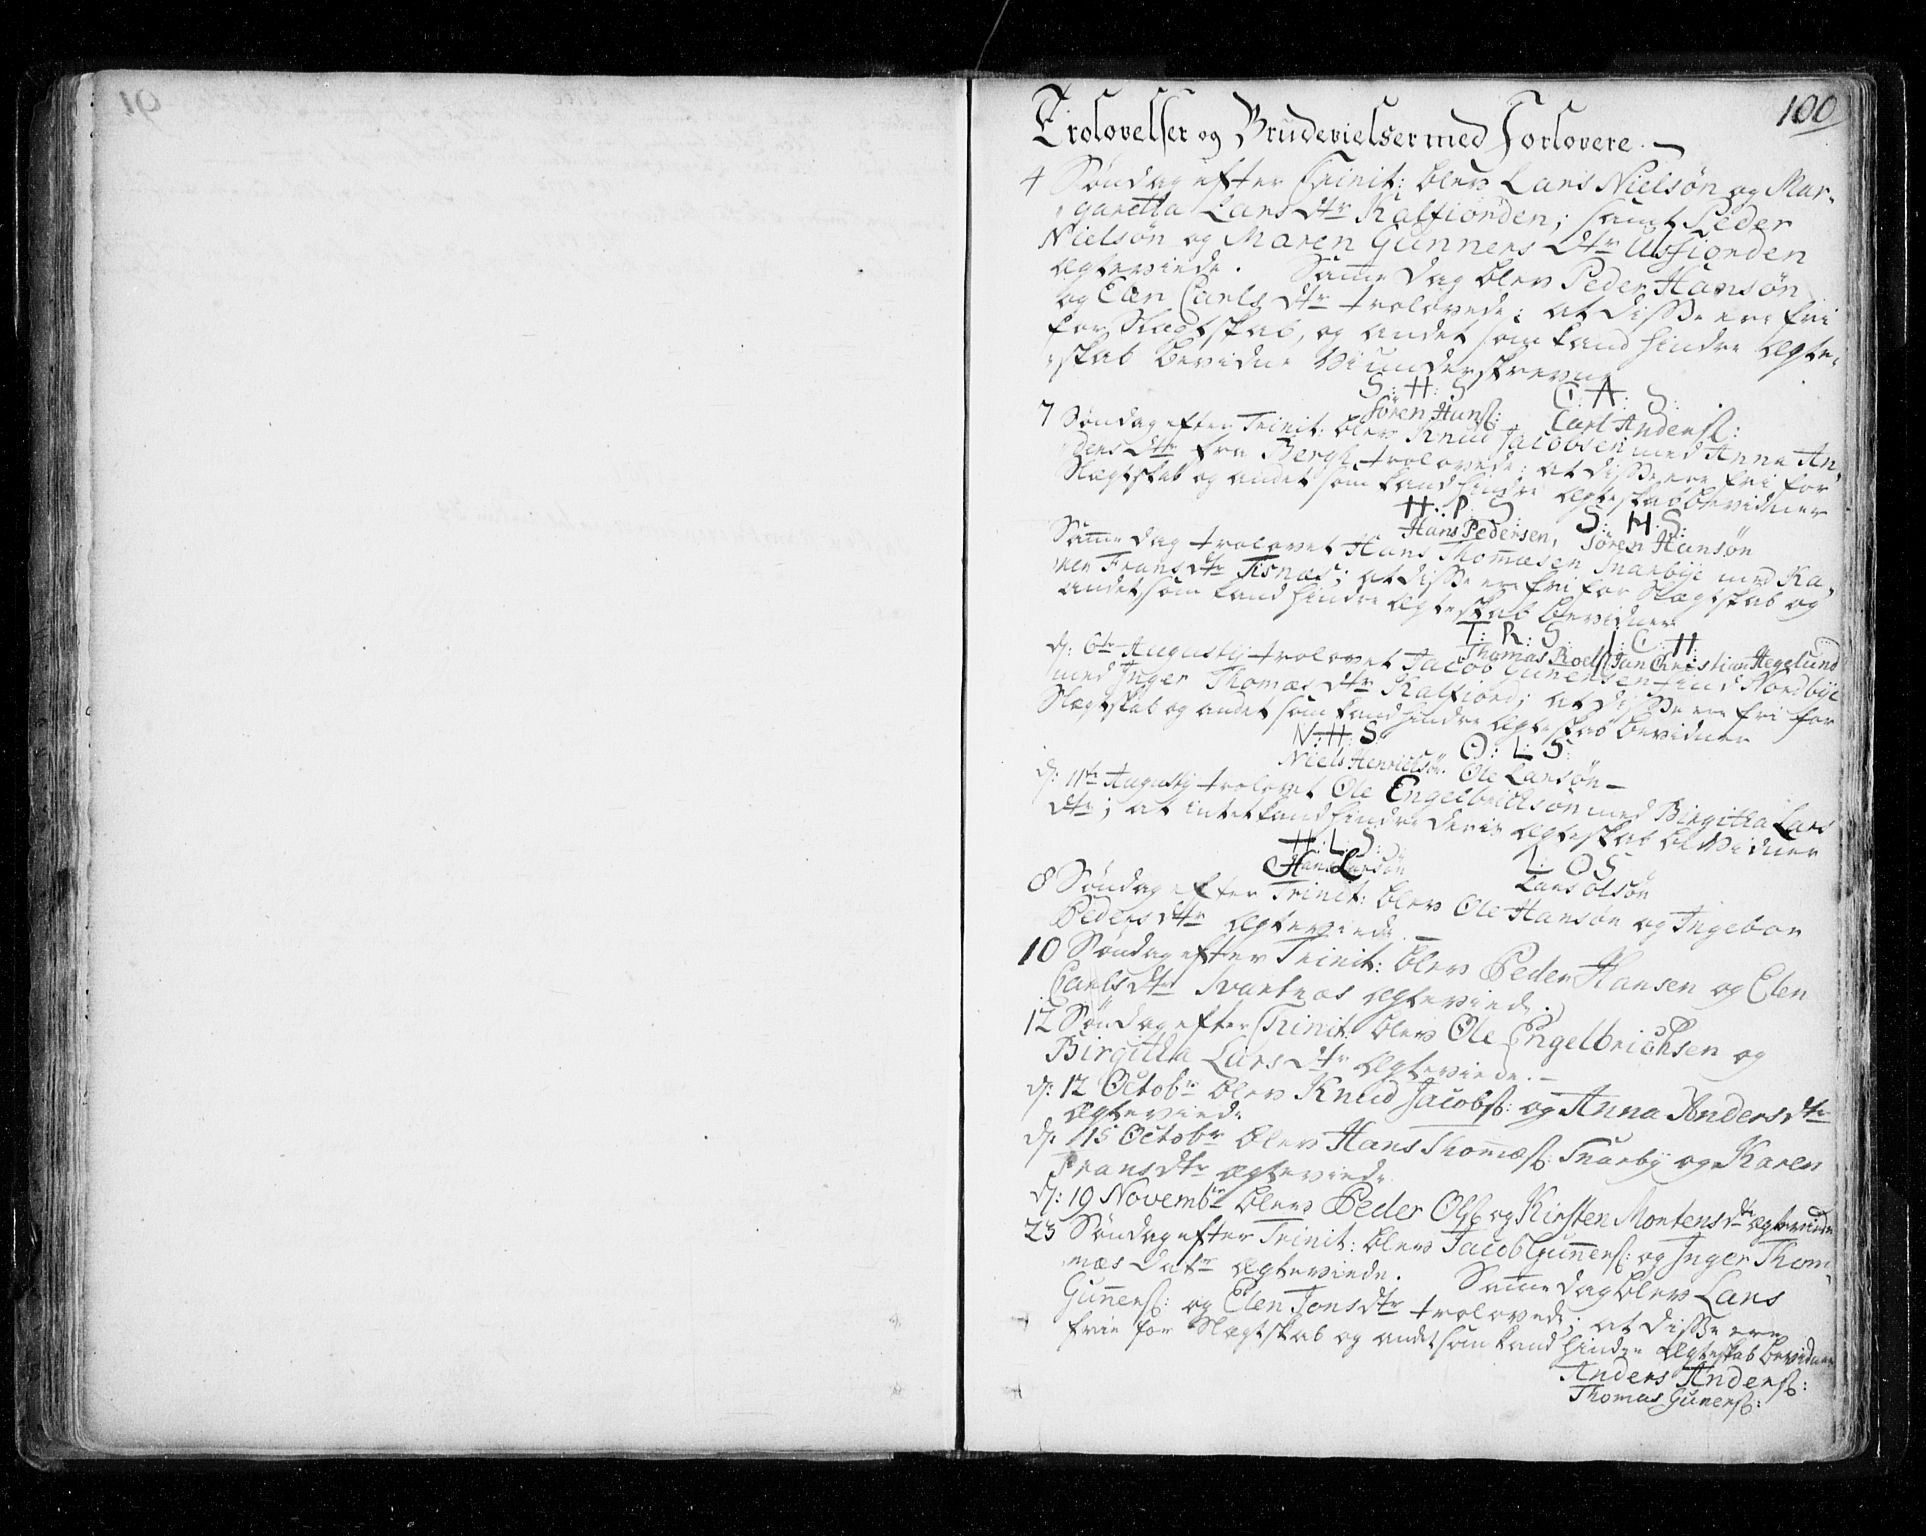 SATØ, Tromsø sokneprestkontor/stiftsprosti/domprosti, G/Ga/L0002kirke: Ministerialbok nr. 2, 1753-1778, s. 100